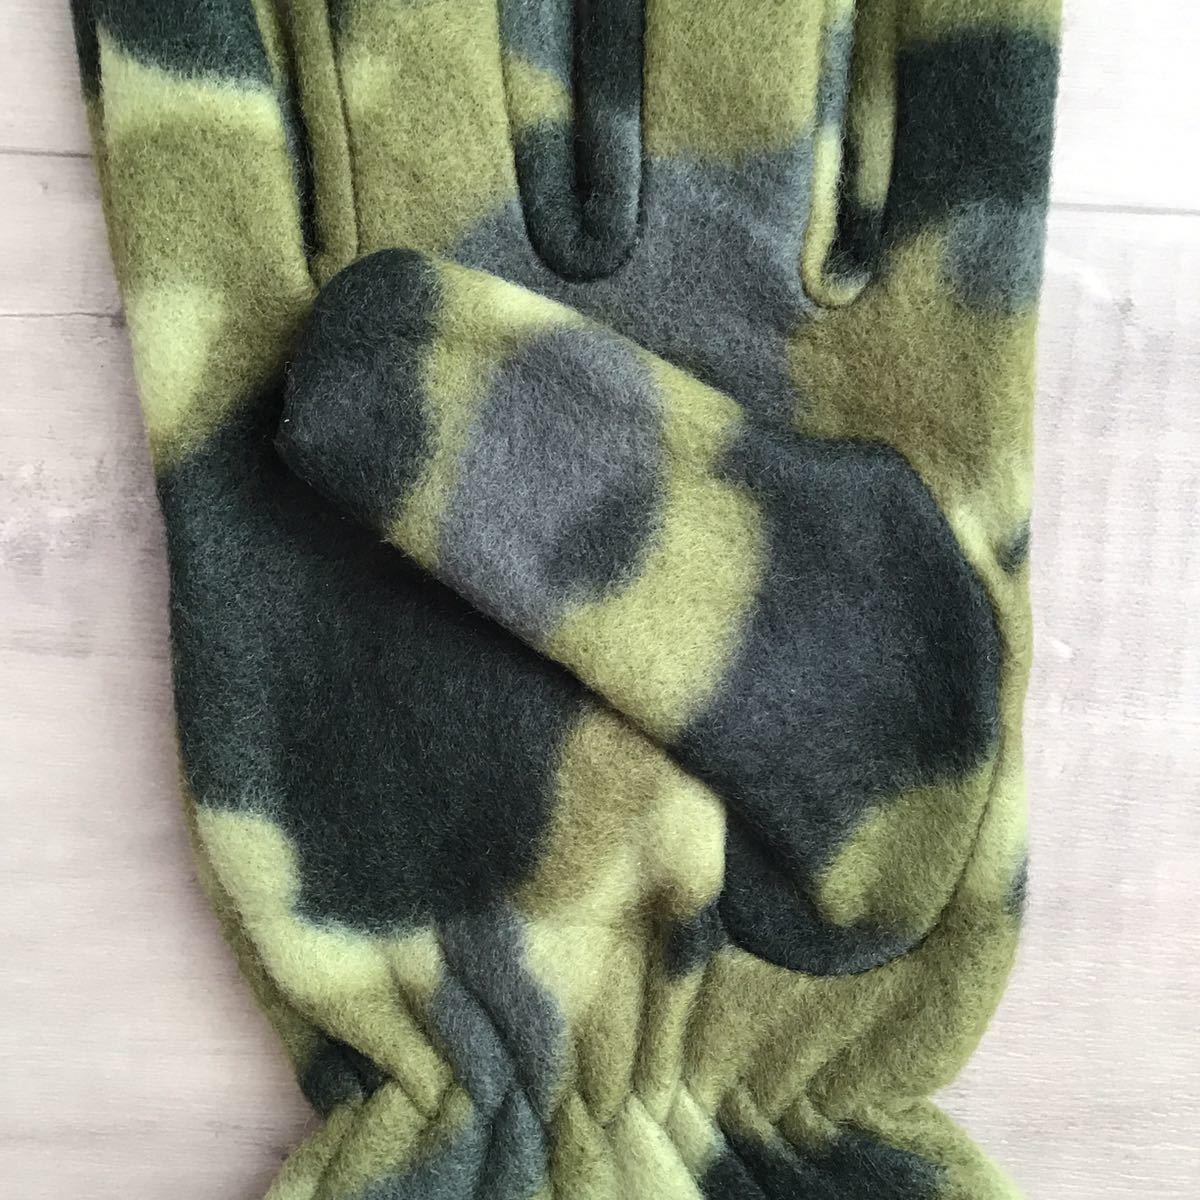 ★非売品★ bape フリース グローブ green camo 手袋 a bathing ape エイプ ベイプ アベイシングエイプ グッズ コレクション ノベルティ